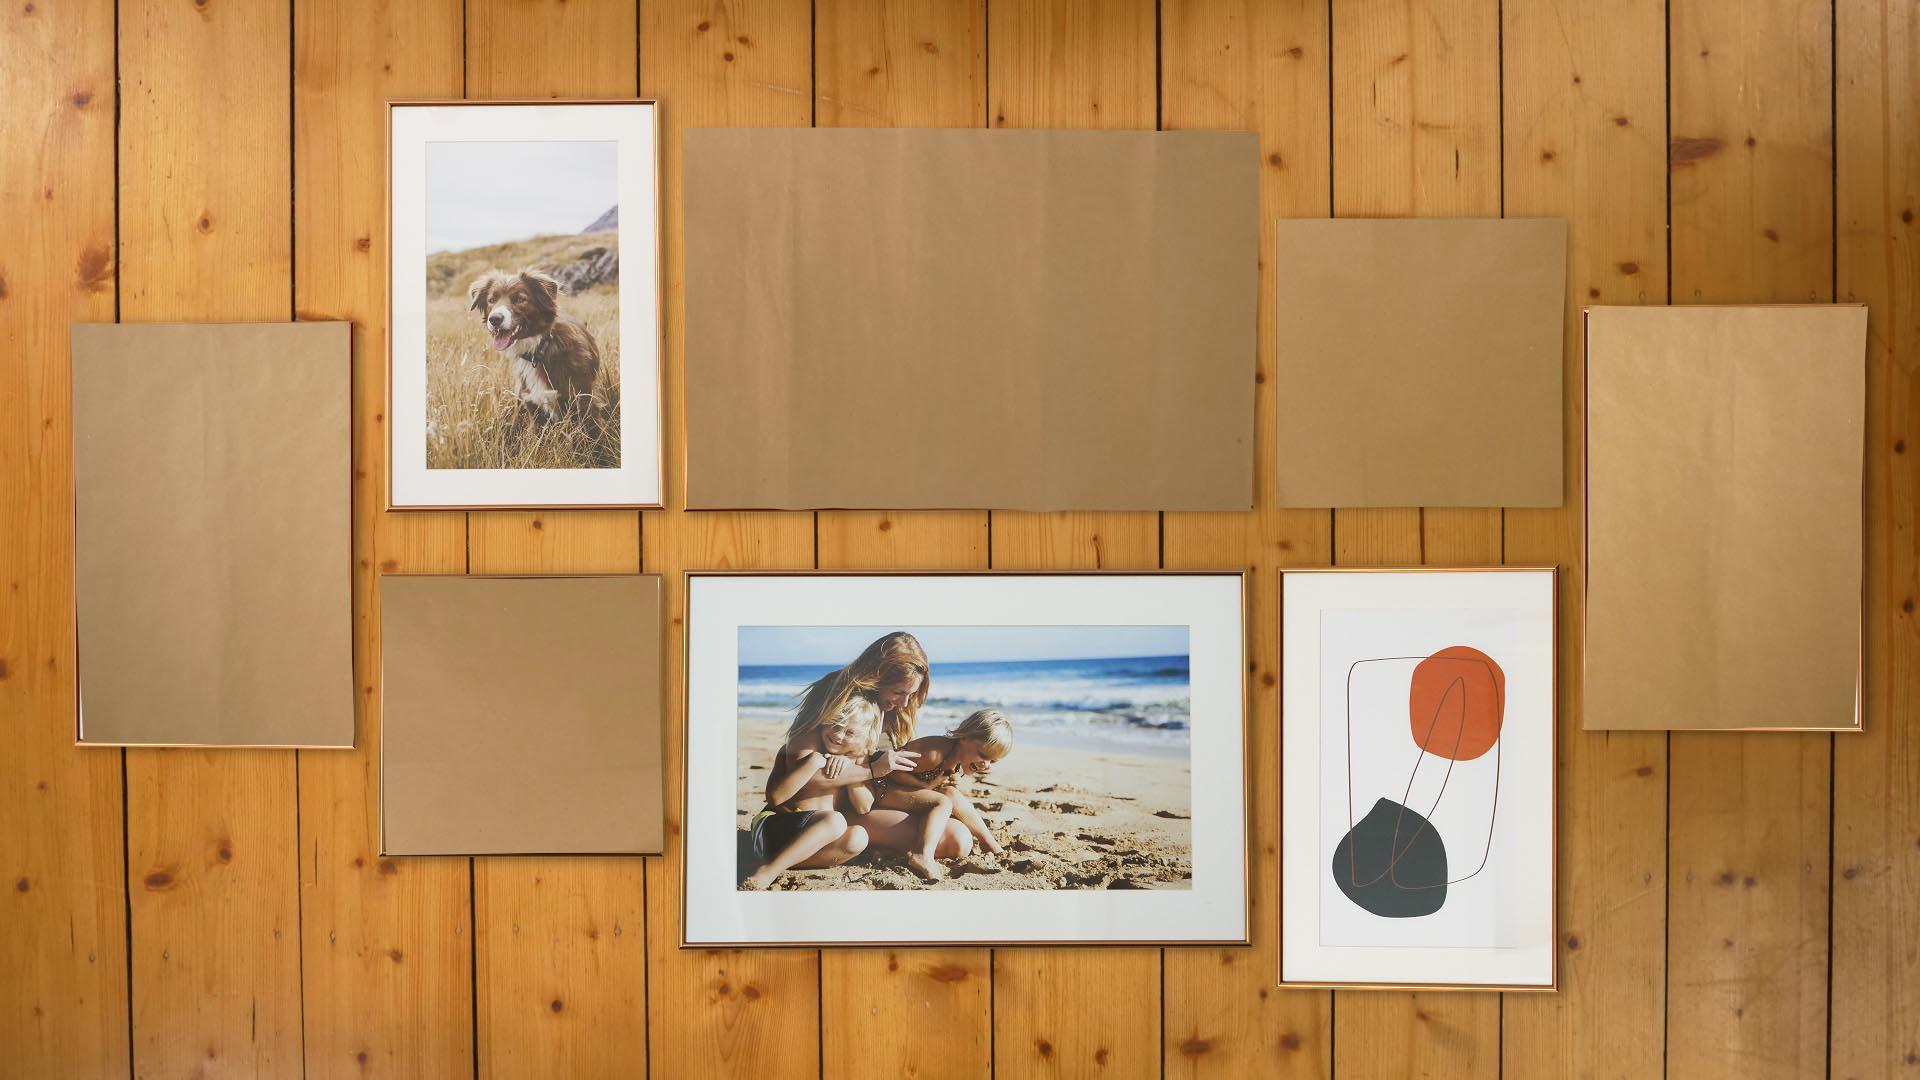 Am Boden werden zunächst die Bilder für die Fotowand angeordnet und mit Pappe entsprechende Schablonen angefertigt